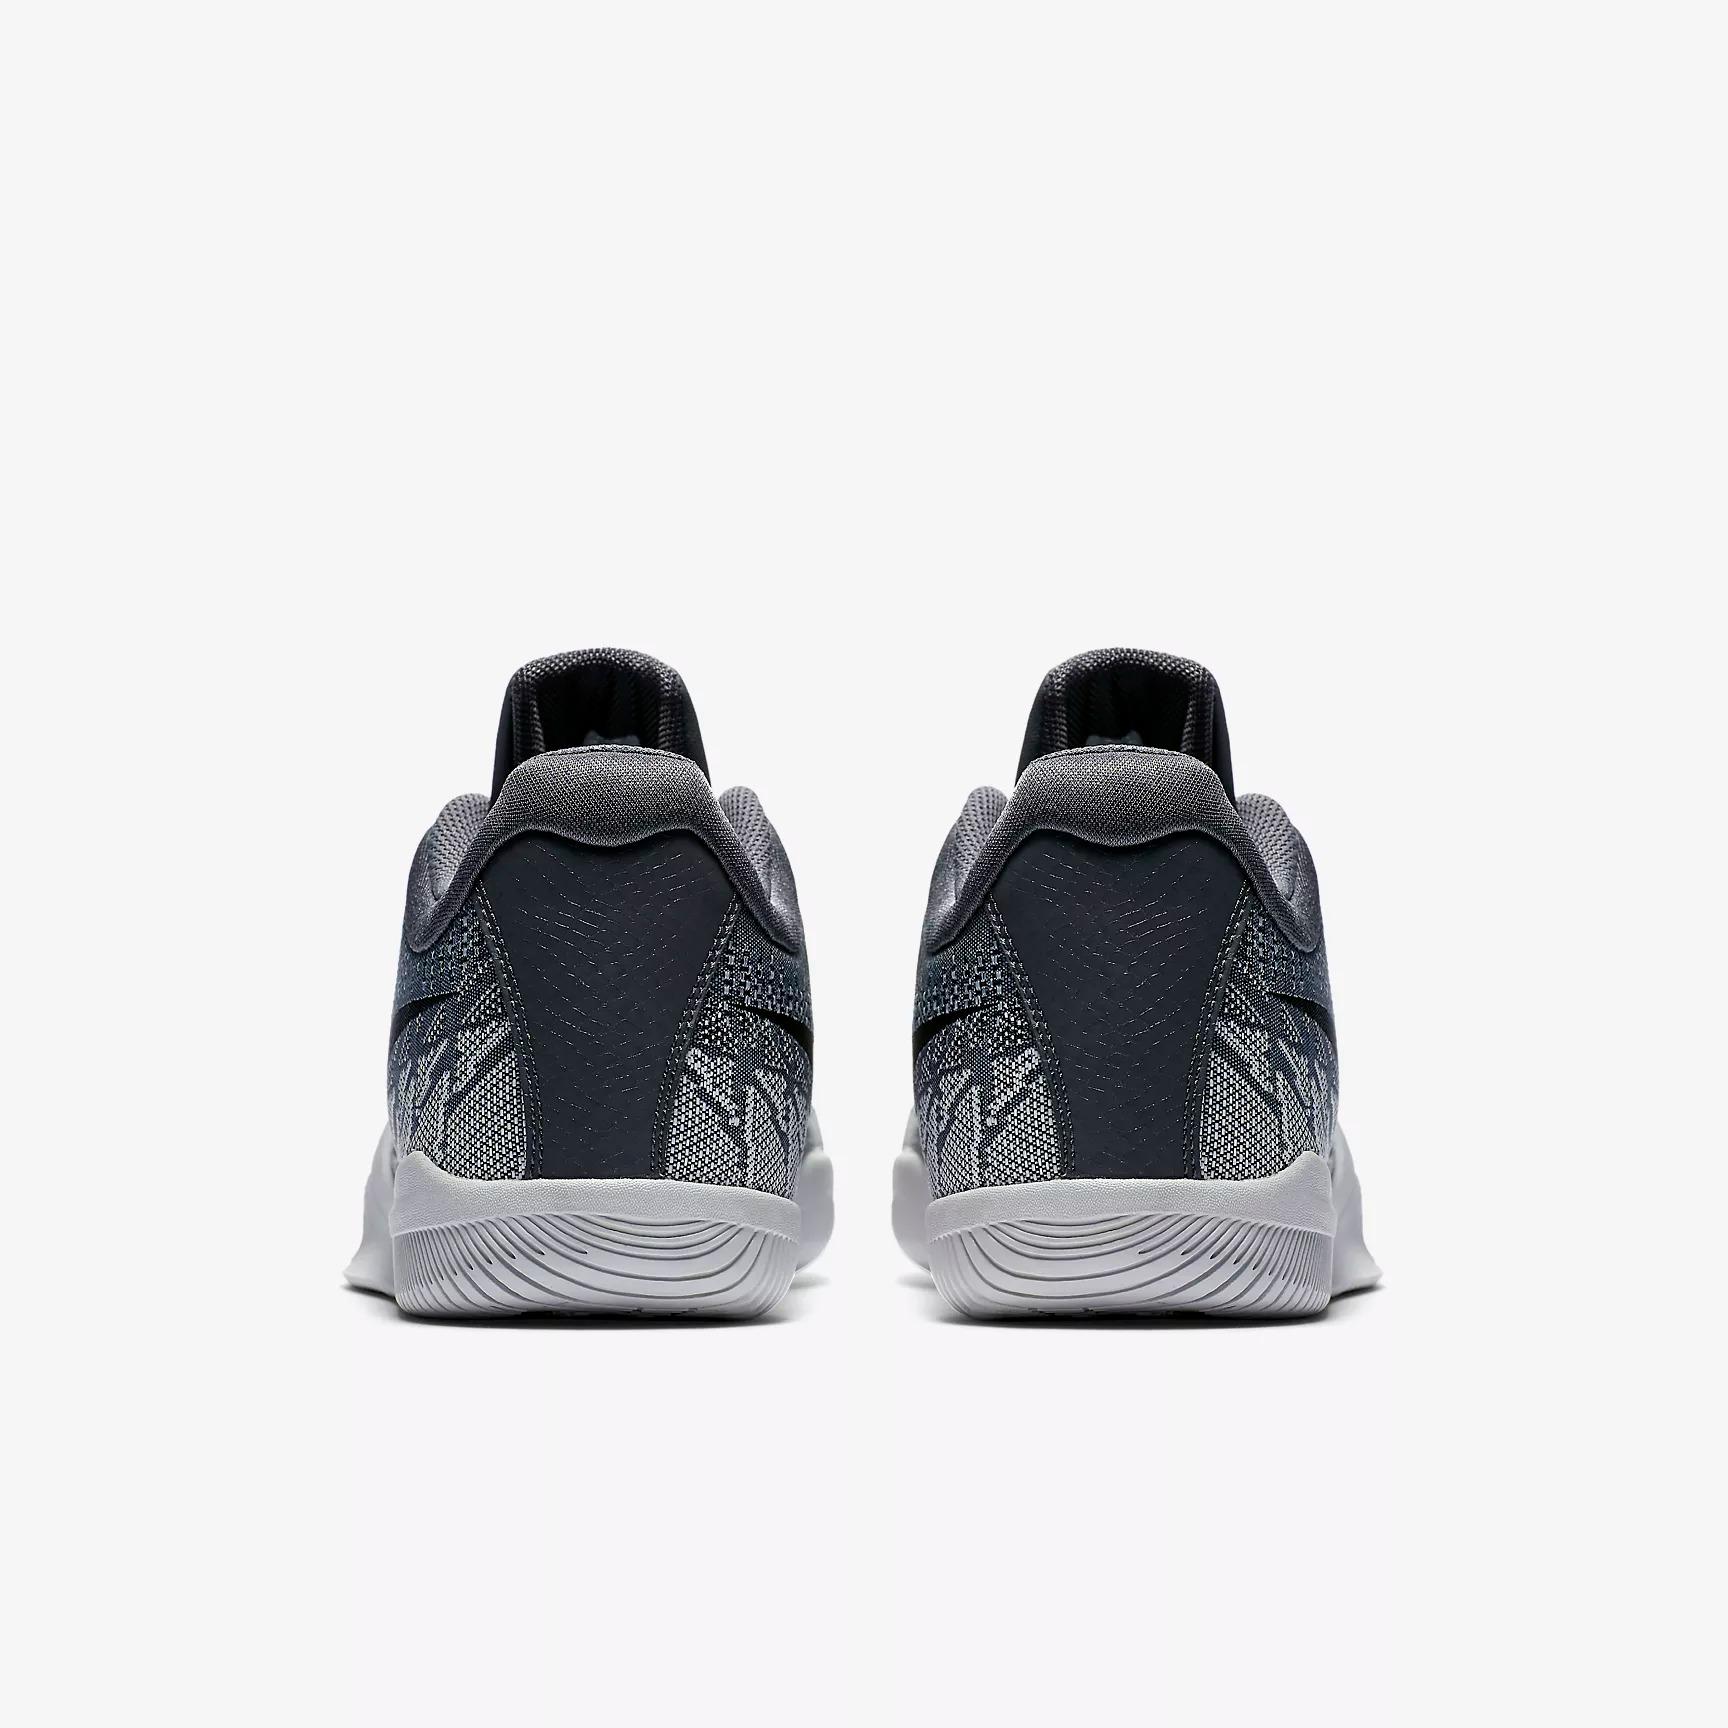 adafe618194 Nike Mamba Rage Basketball Shoes - BASKETBALL SHOES NIKE Basketball ...